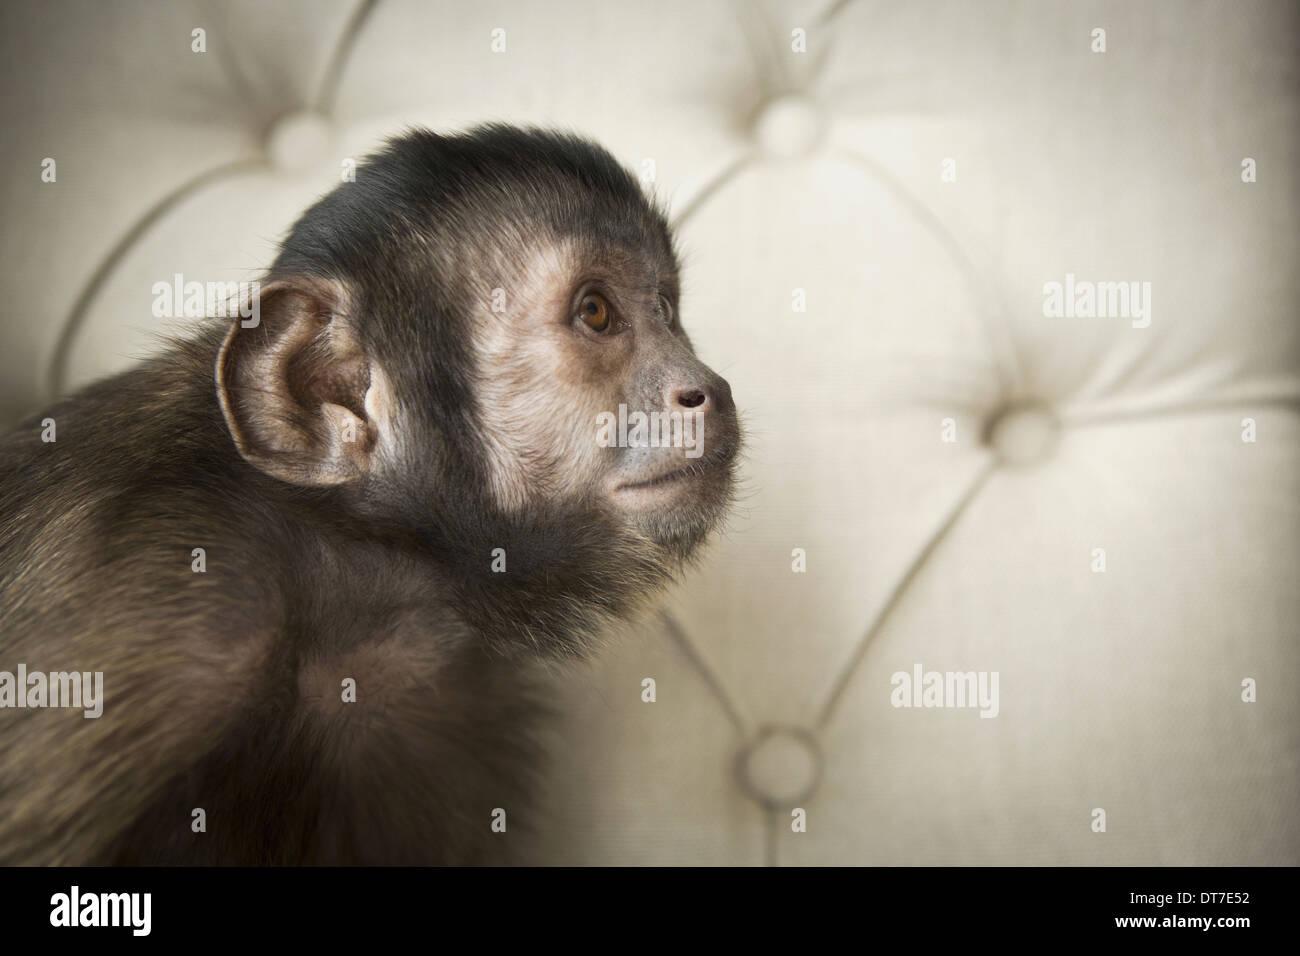 Ein Kapuziner Affe sitzt auf einem Buttonbacked Polsterstuhl Austin Texas USA Stockbild